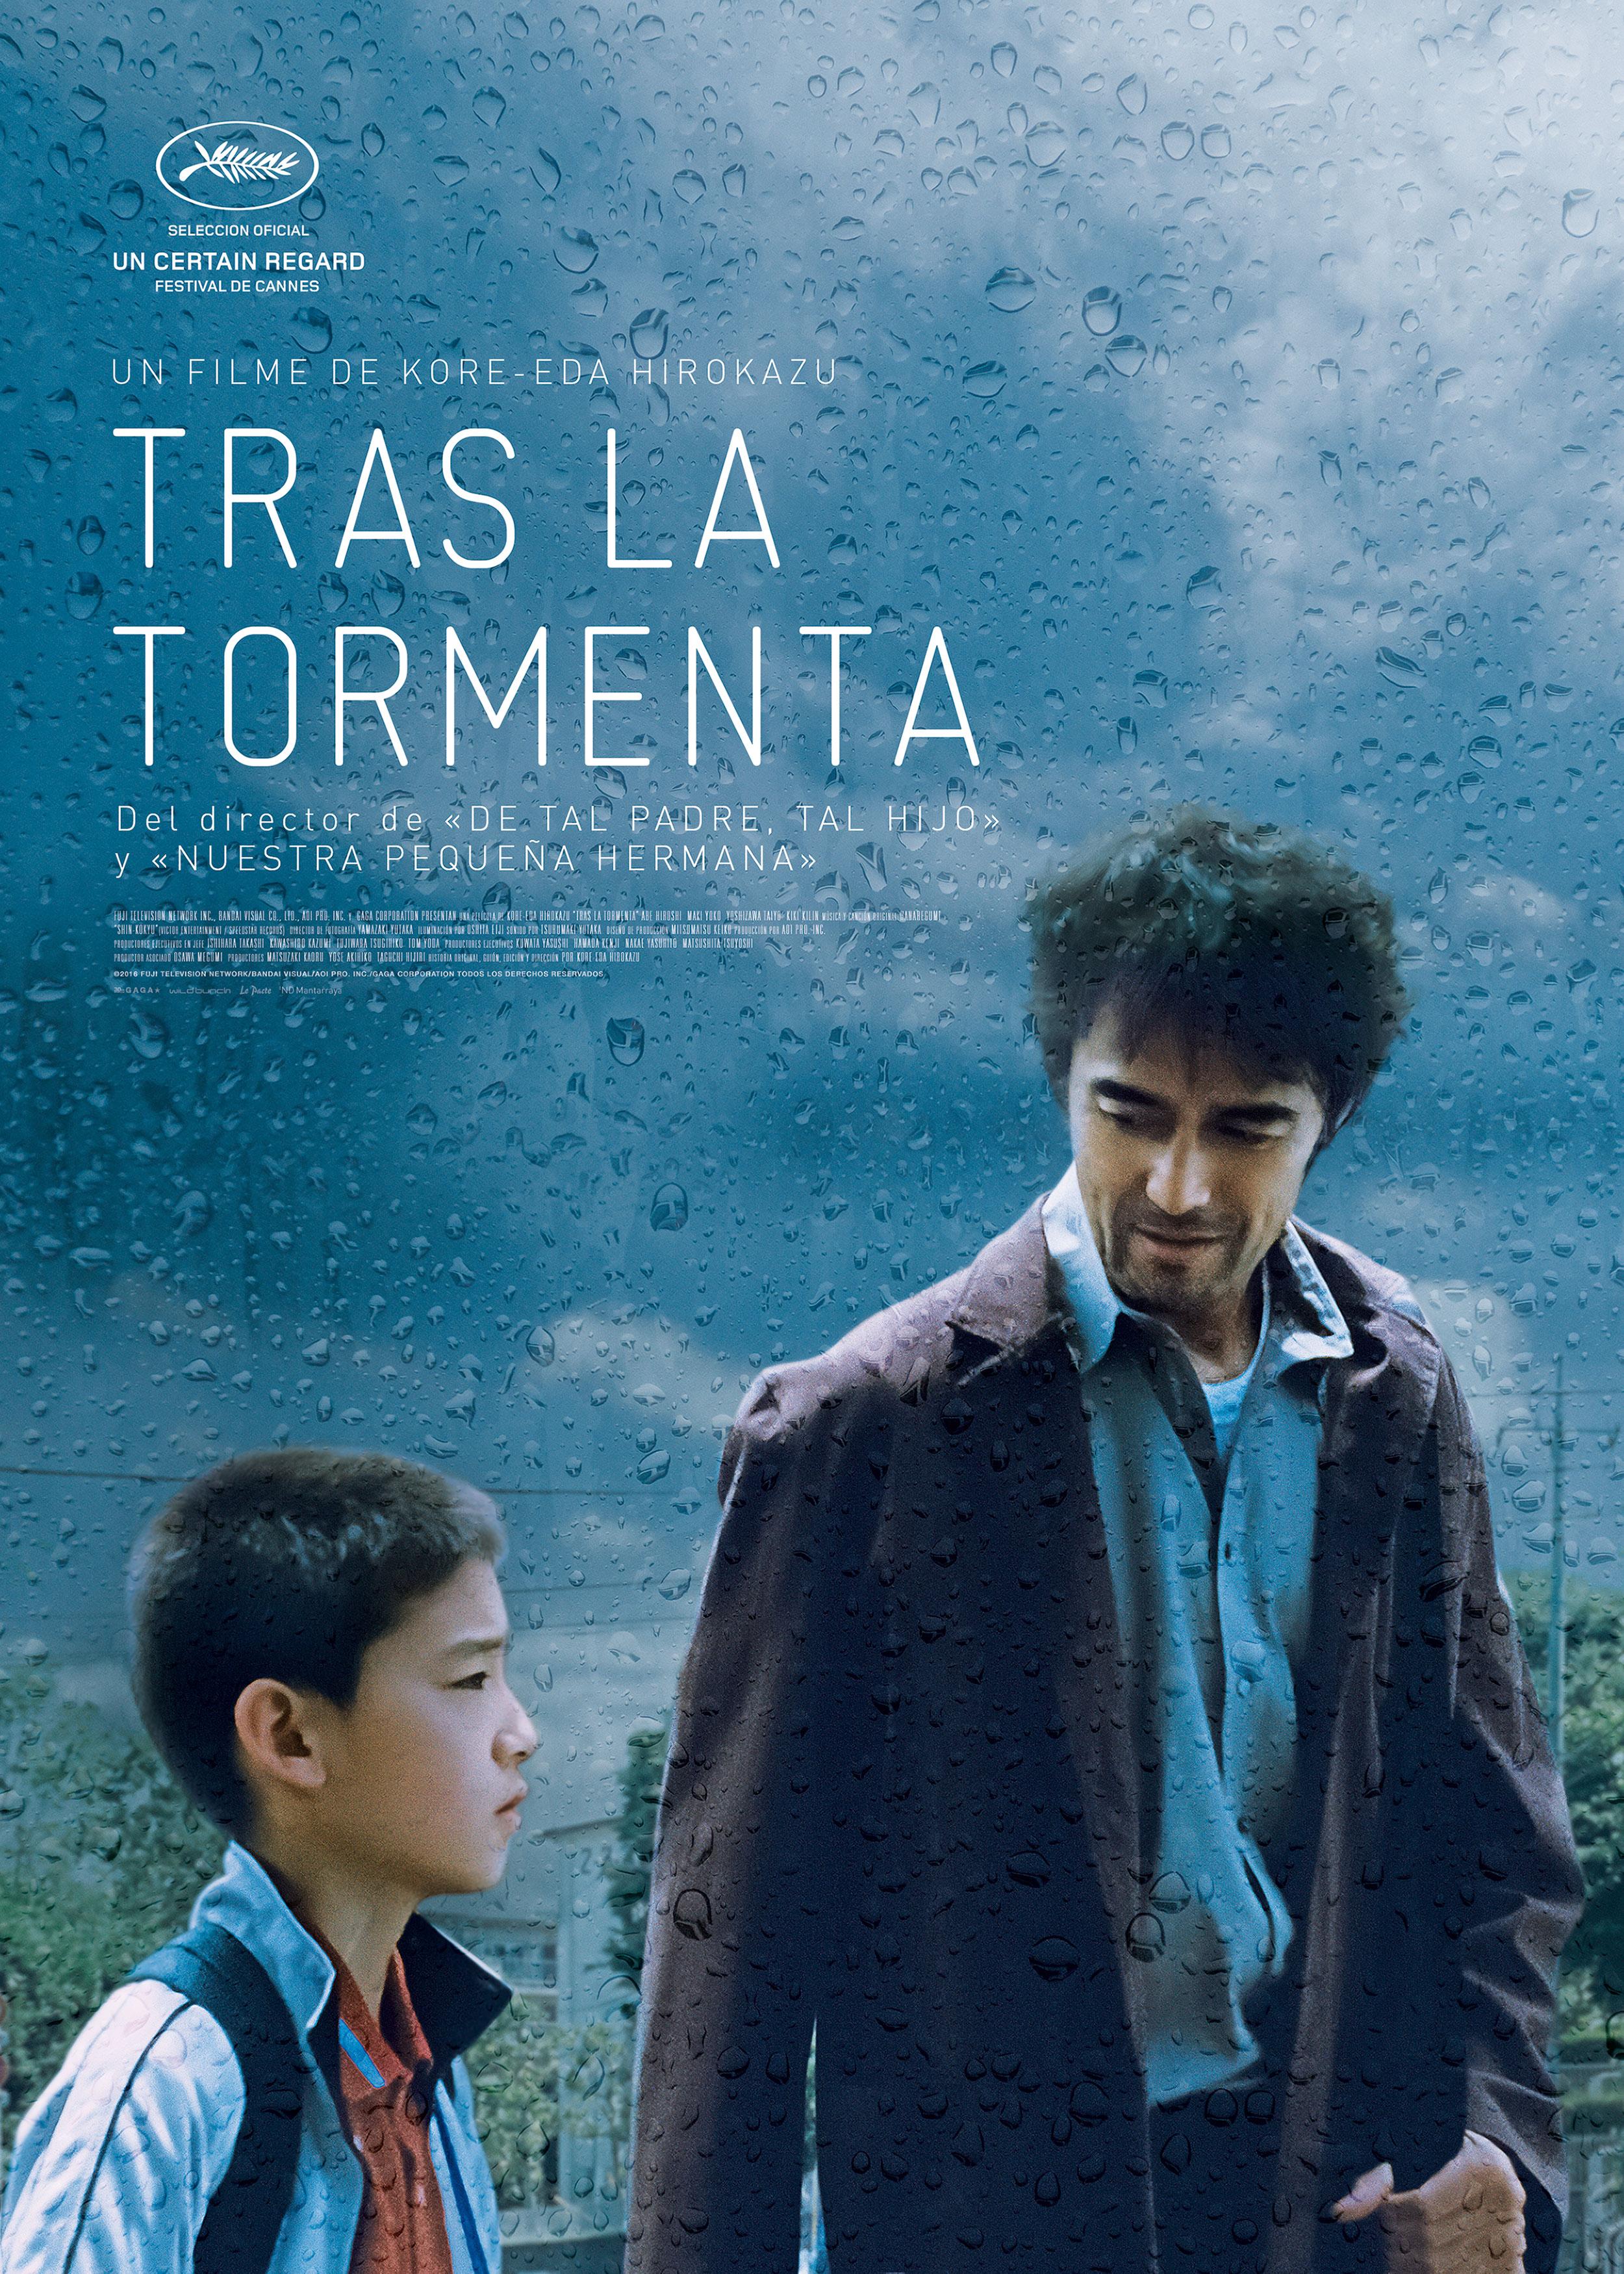 TRAS-LA-TORMENTA-final